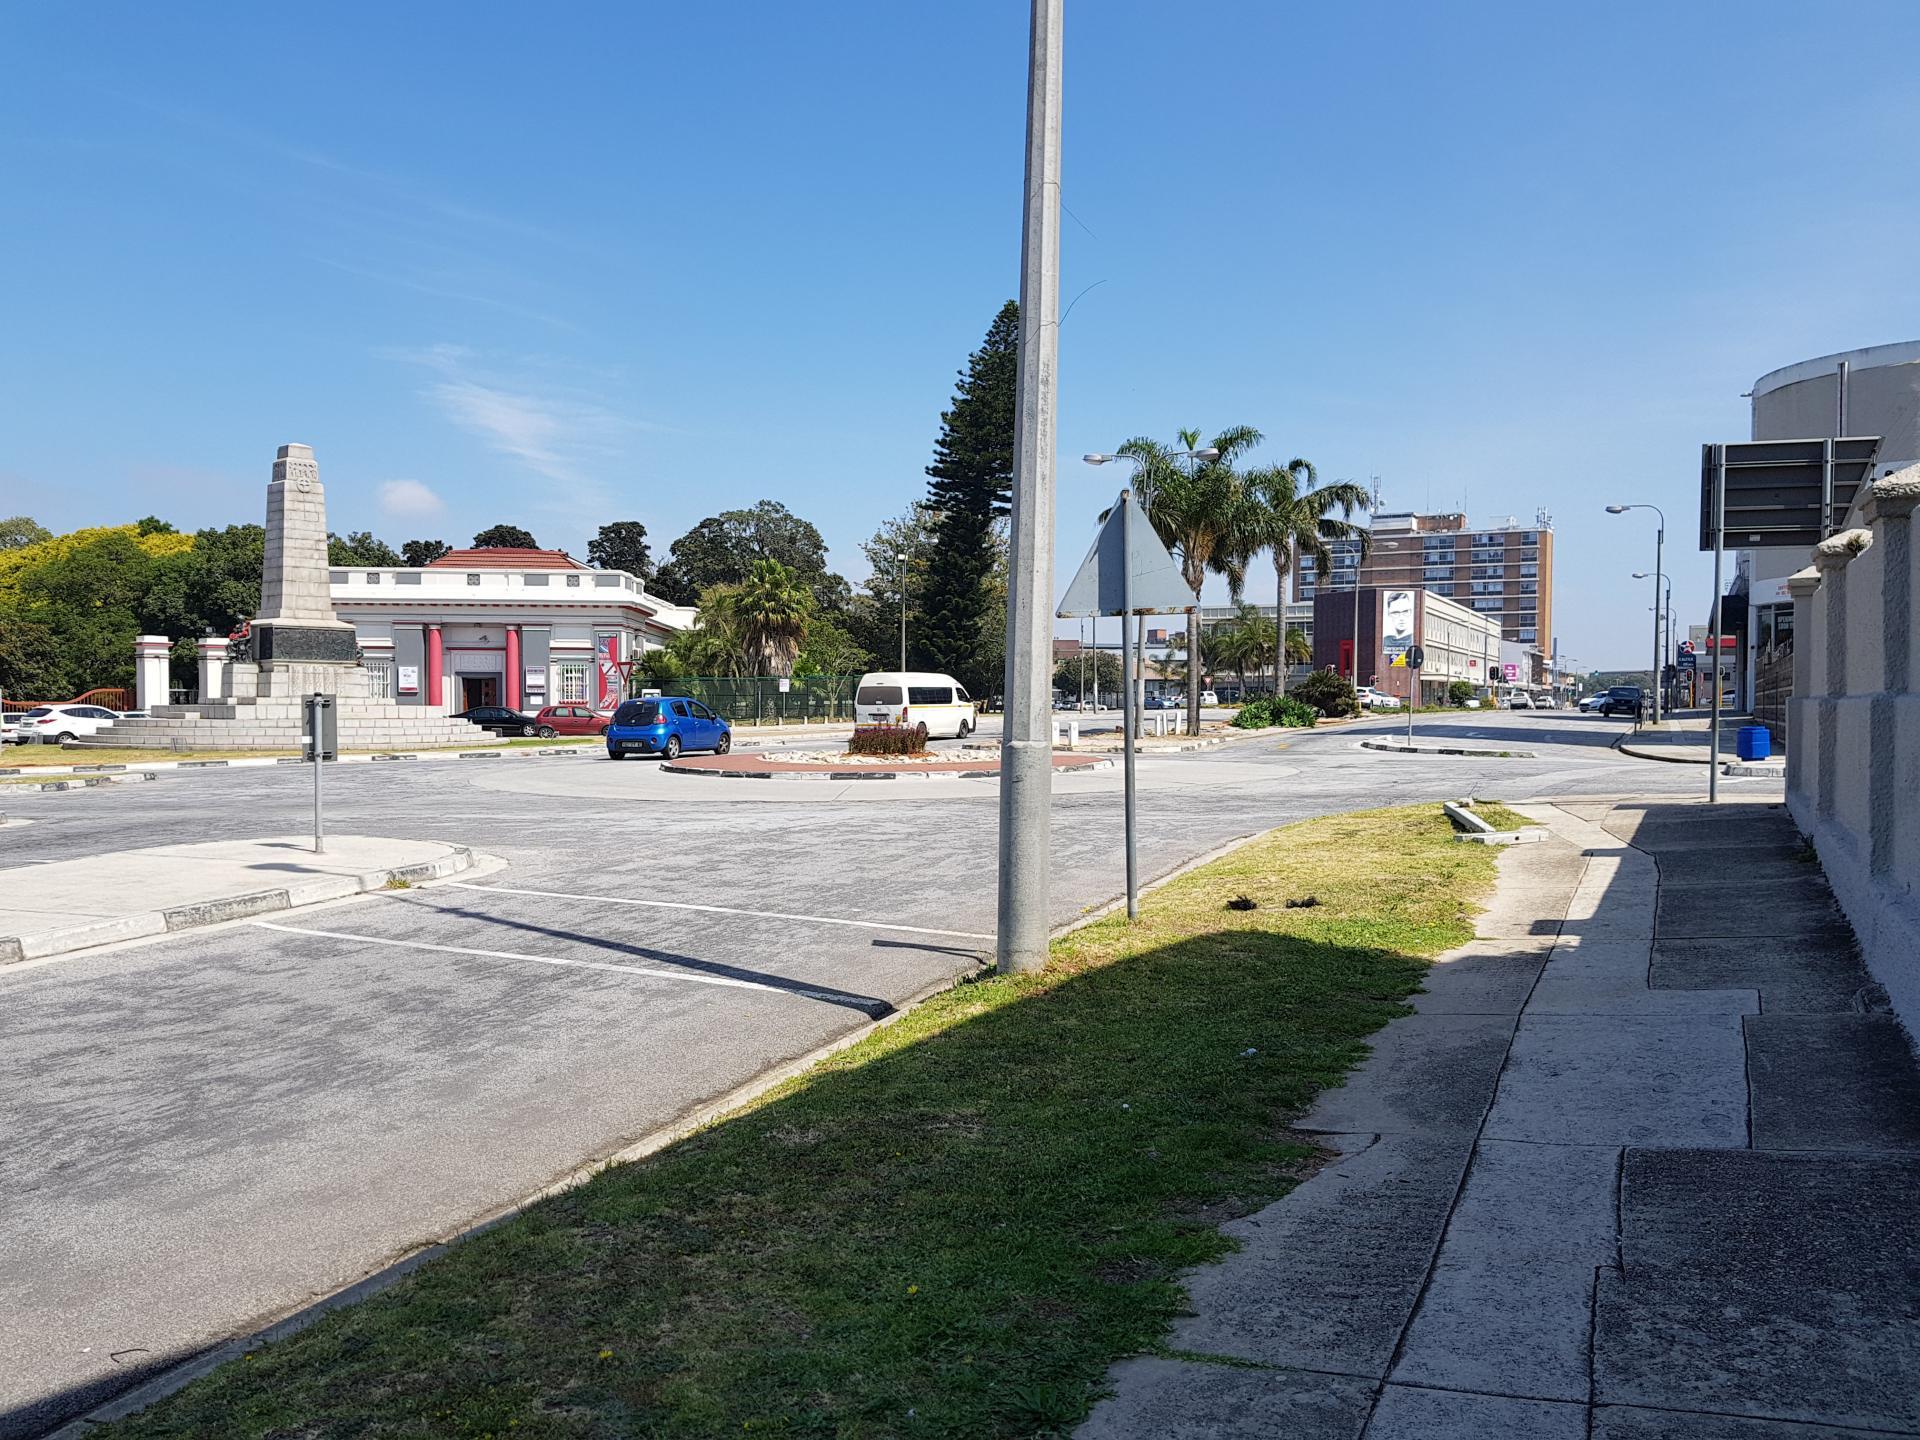 Монумент в Порт-Элизабет